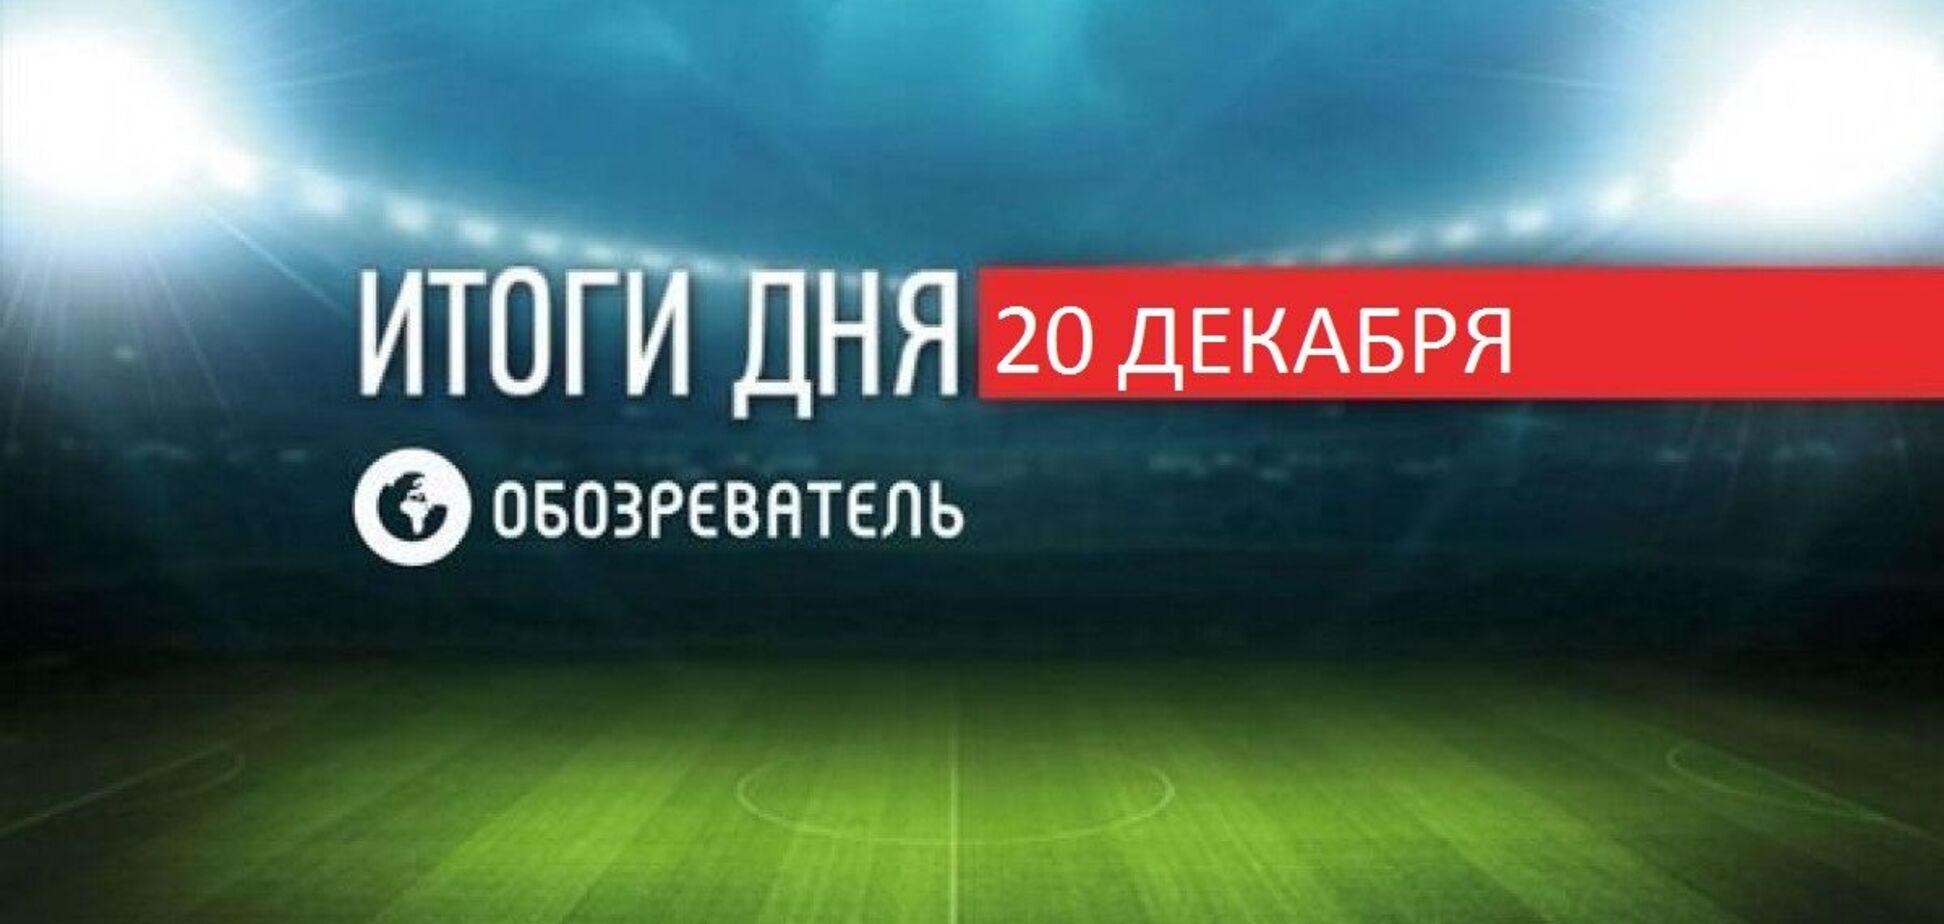 Шевченко показал фото семейного отдыха: спортивные итоги 20 декабря